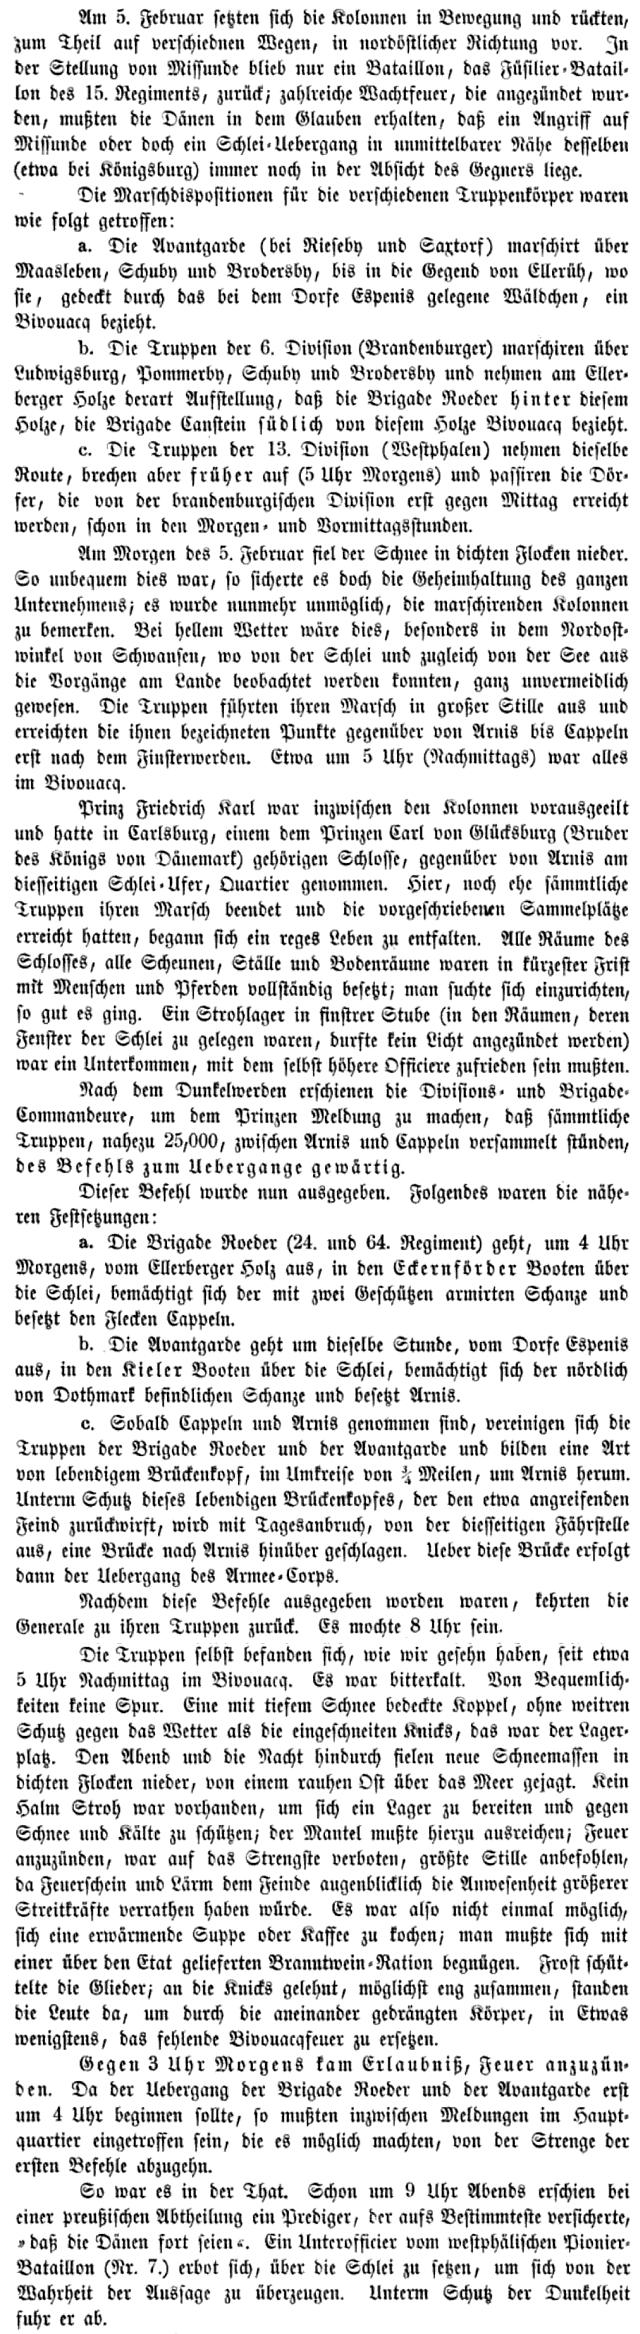 Fontane - Der Schleswig-Holsteinische Krieg 1864 - Auszug